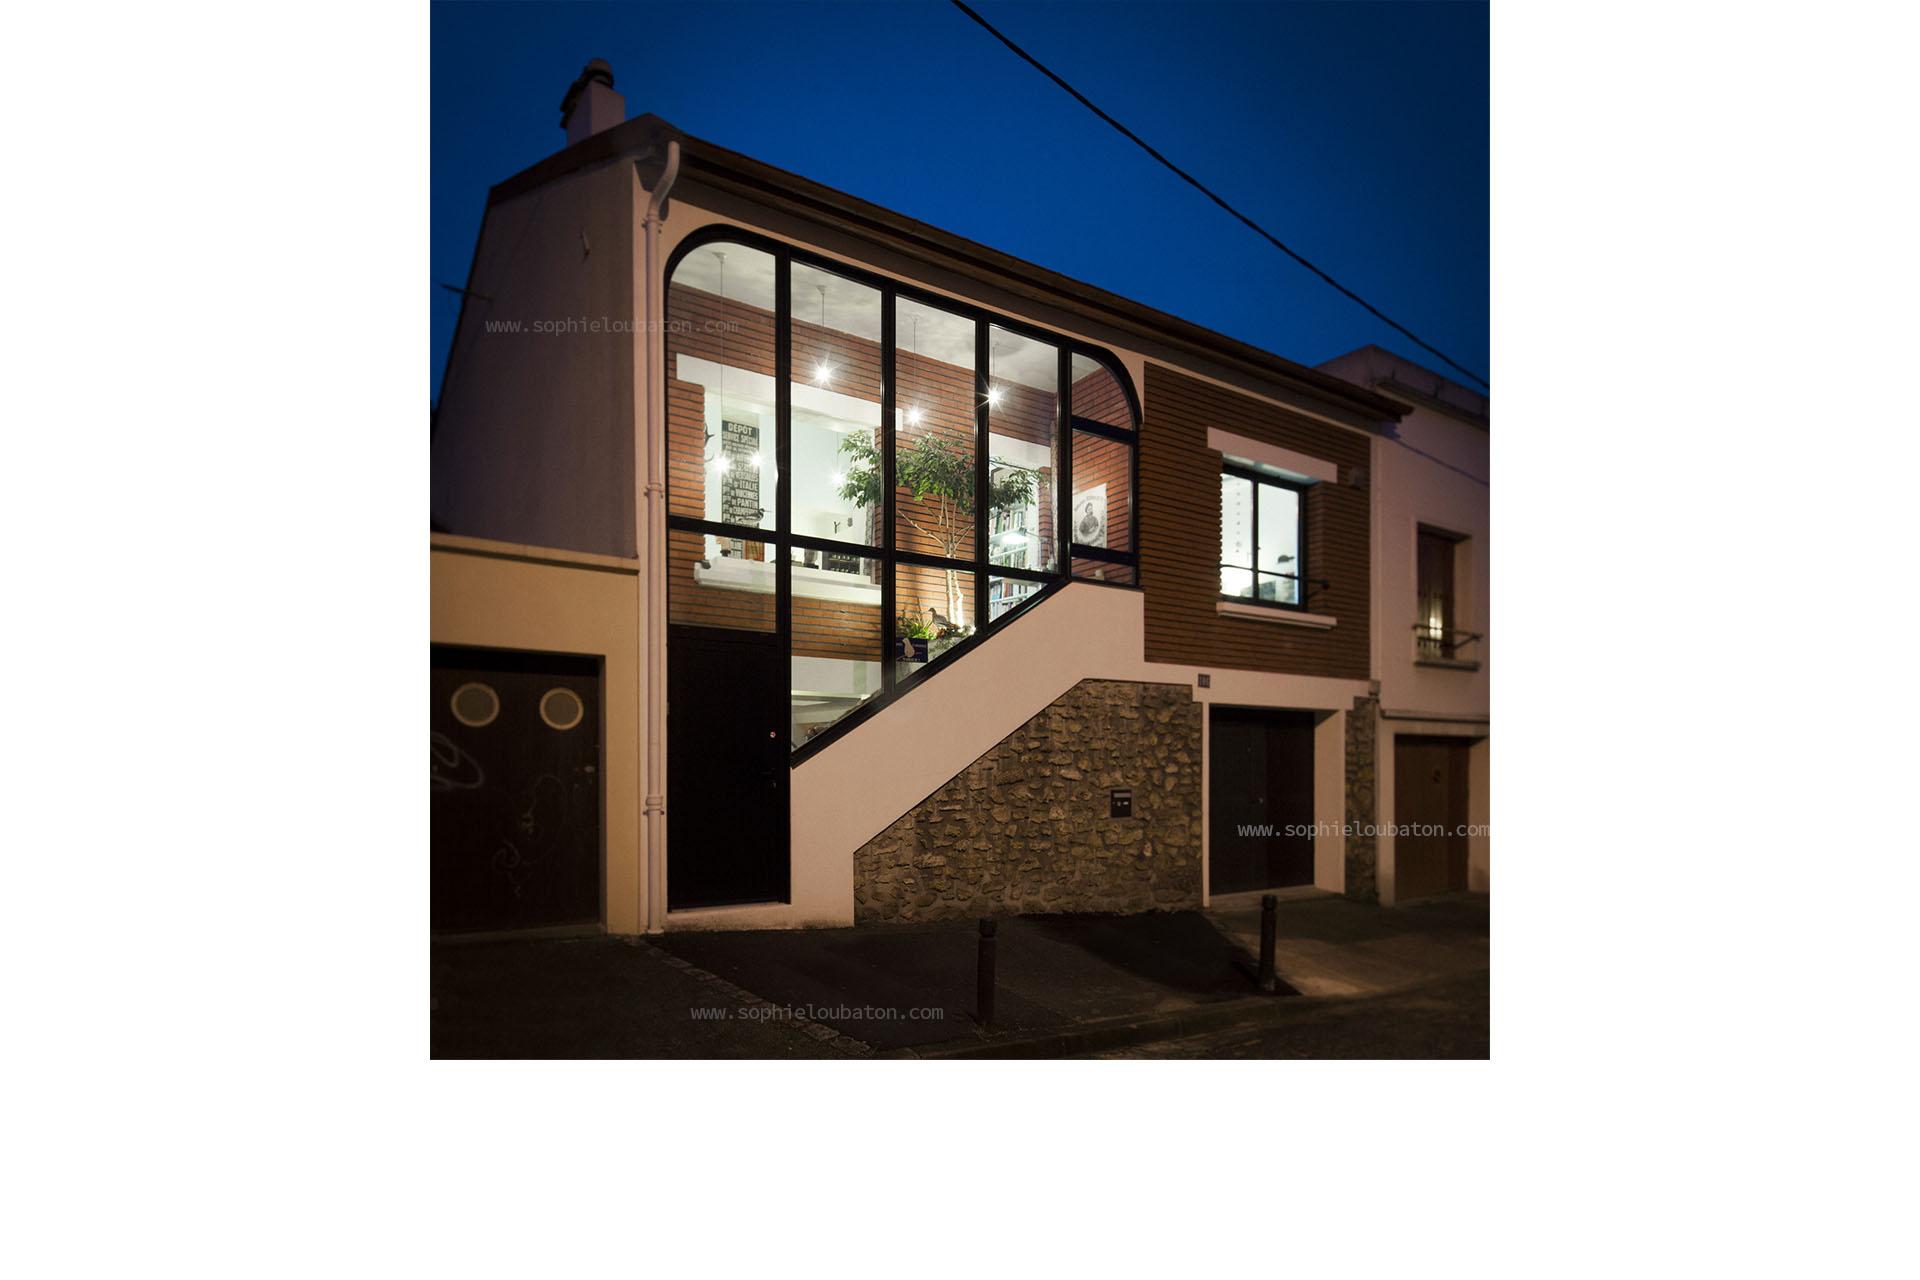 façade sur rue. création d'une verrière à fleur de la façade. petite terrasse intérieure (avec arbre planté).